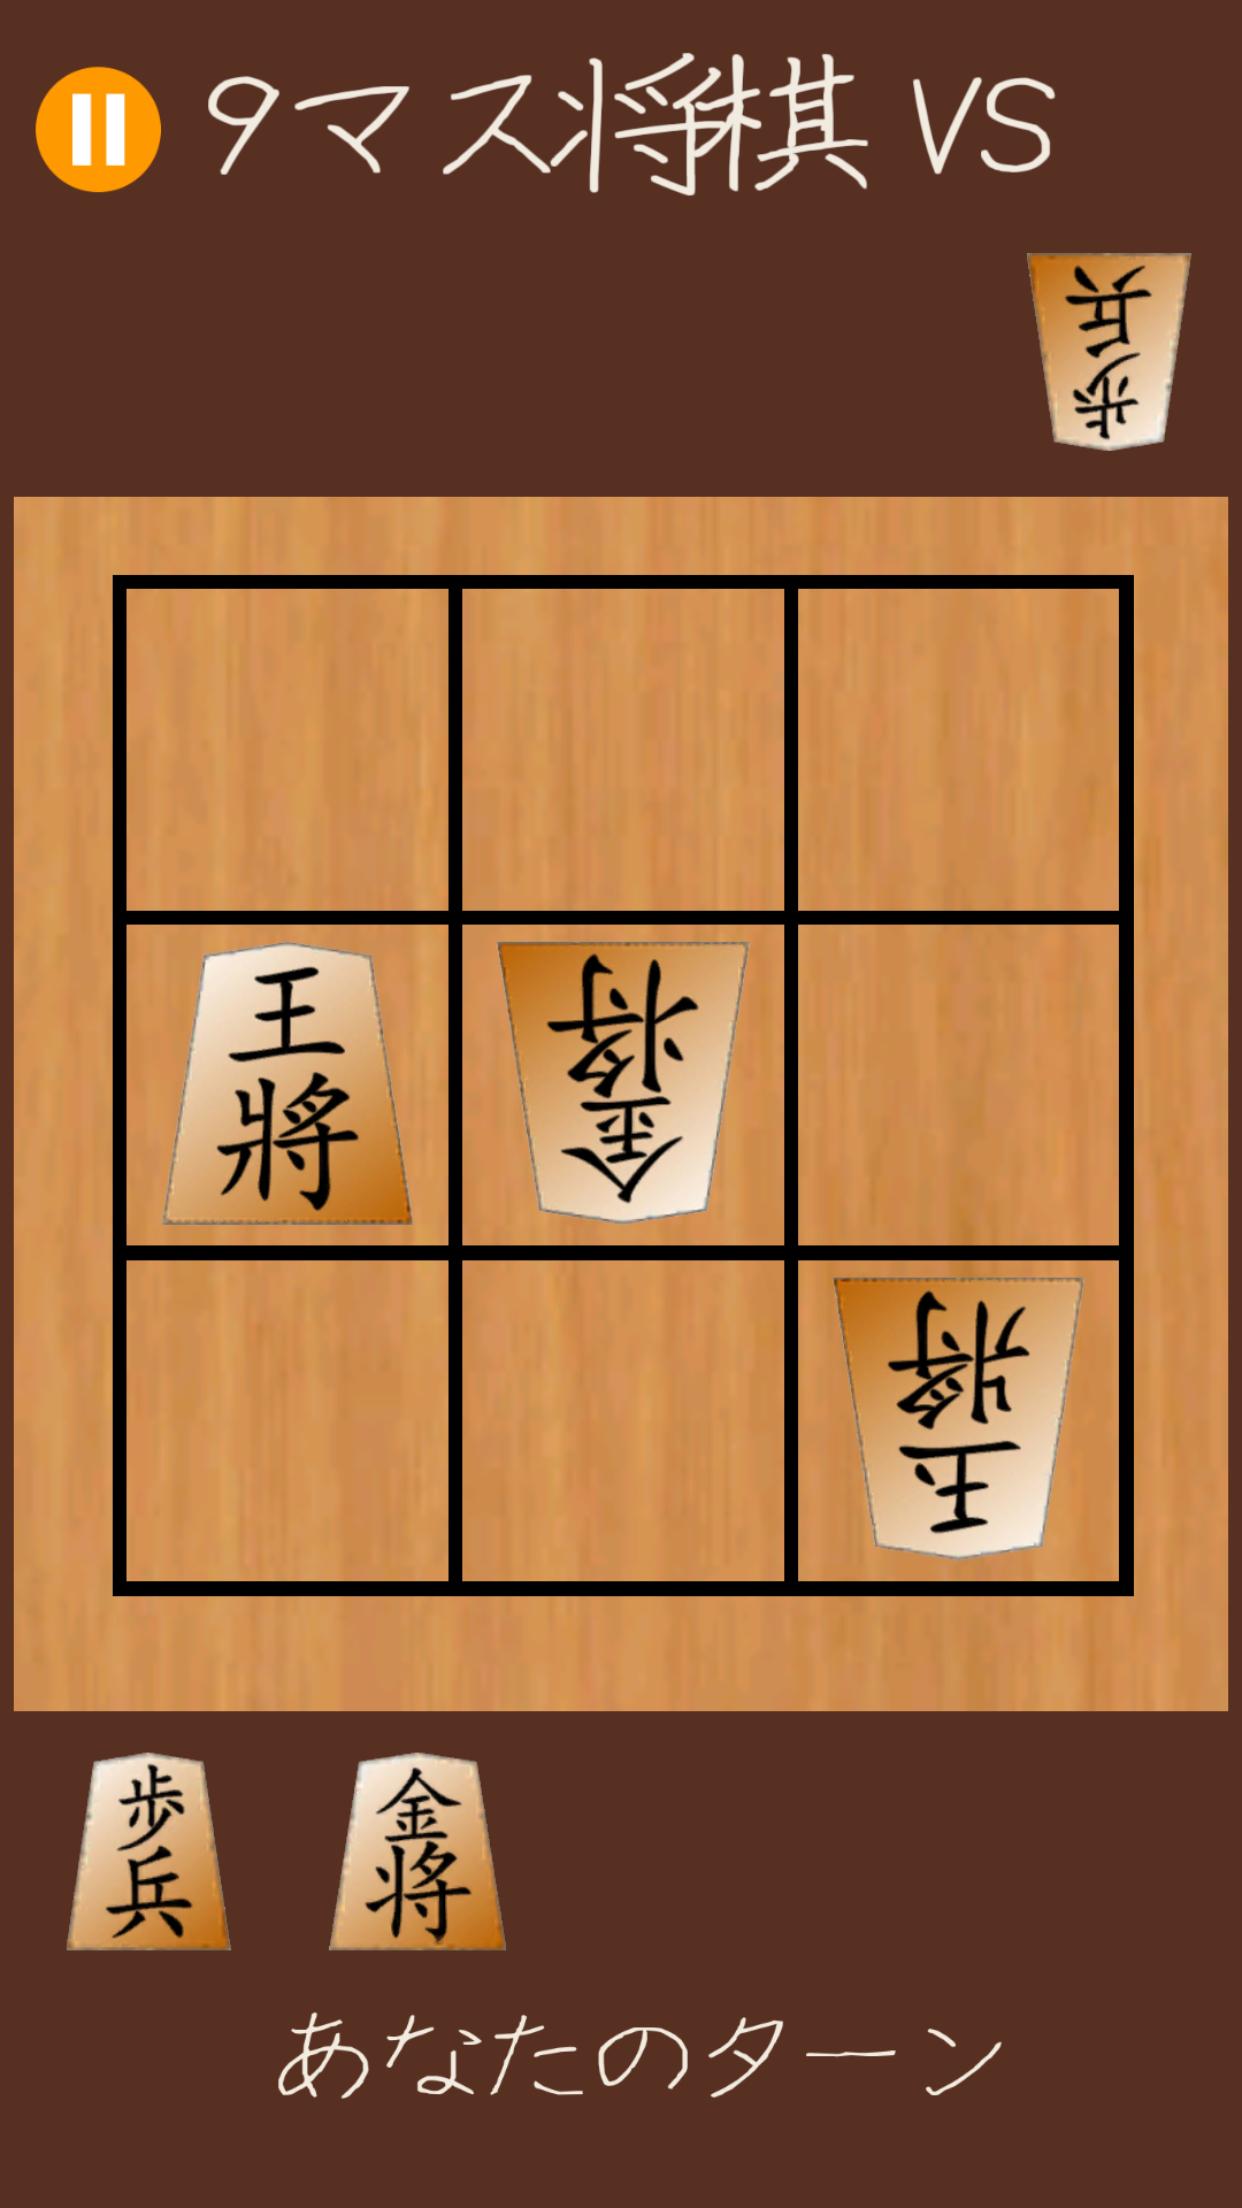 詰将棋VSの画像